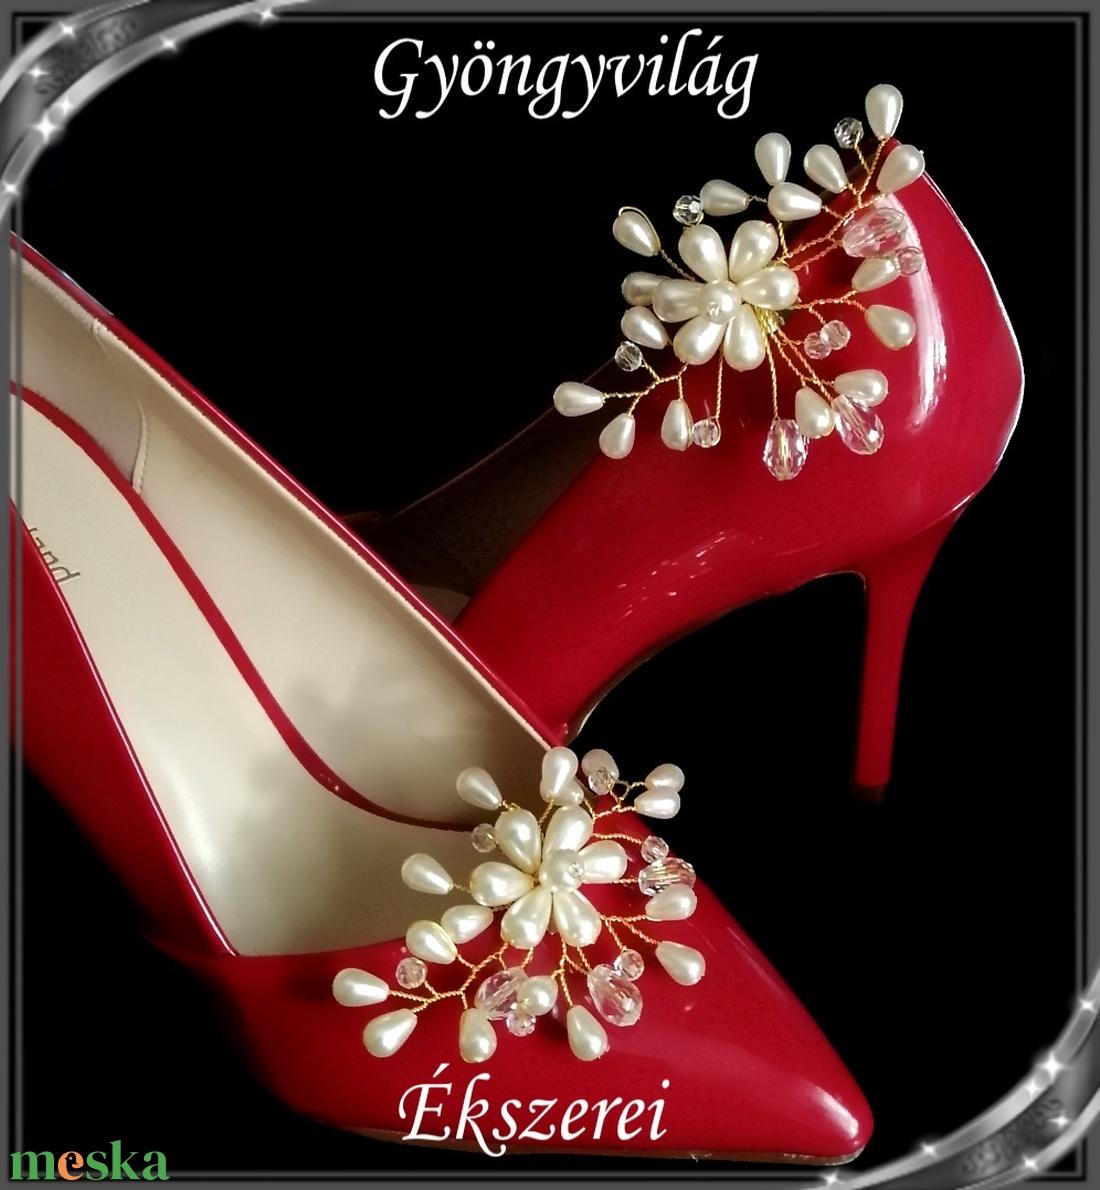 Esküvői, menyasszonyi, alkalmi cipődísz, cipőklipsz S-CK02-2 cream - esküvő - cipő és cipőklipsz - Meska.hu